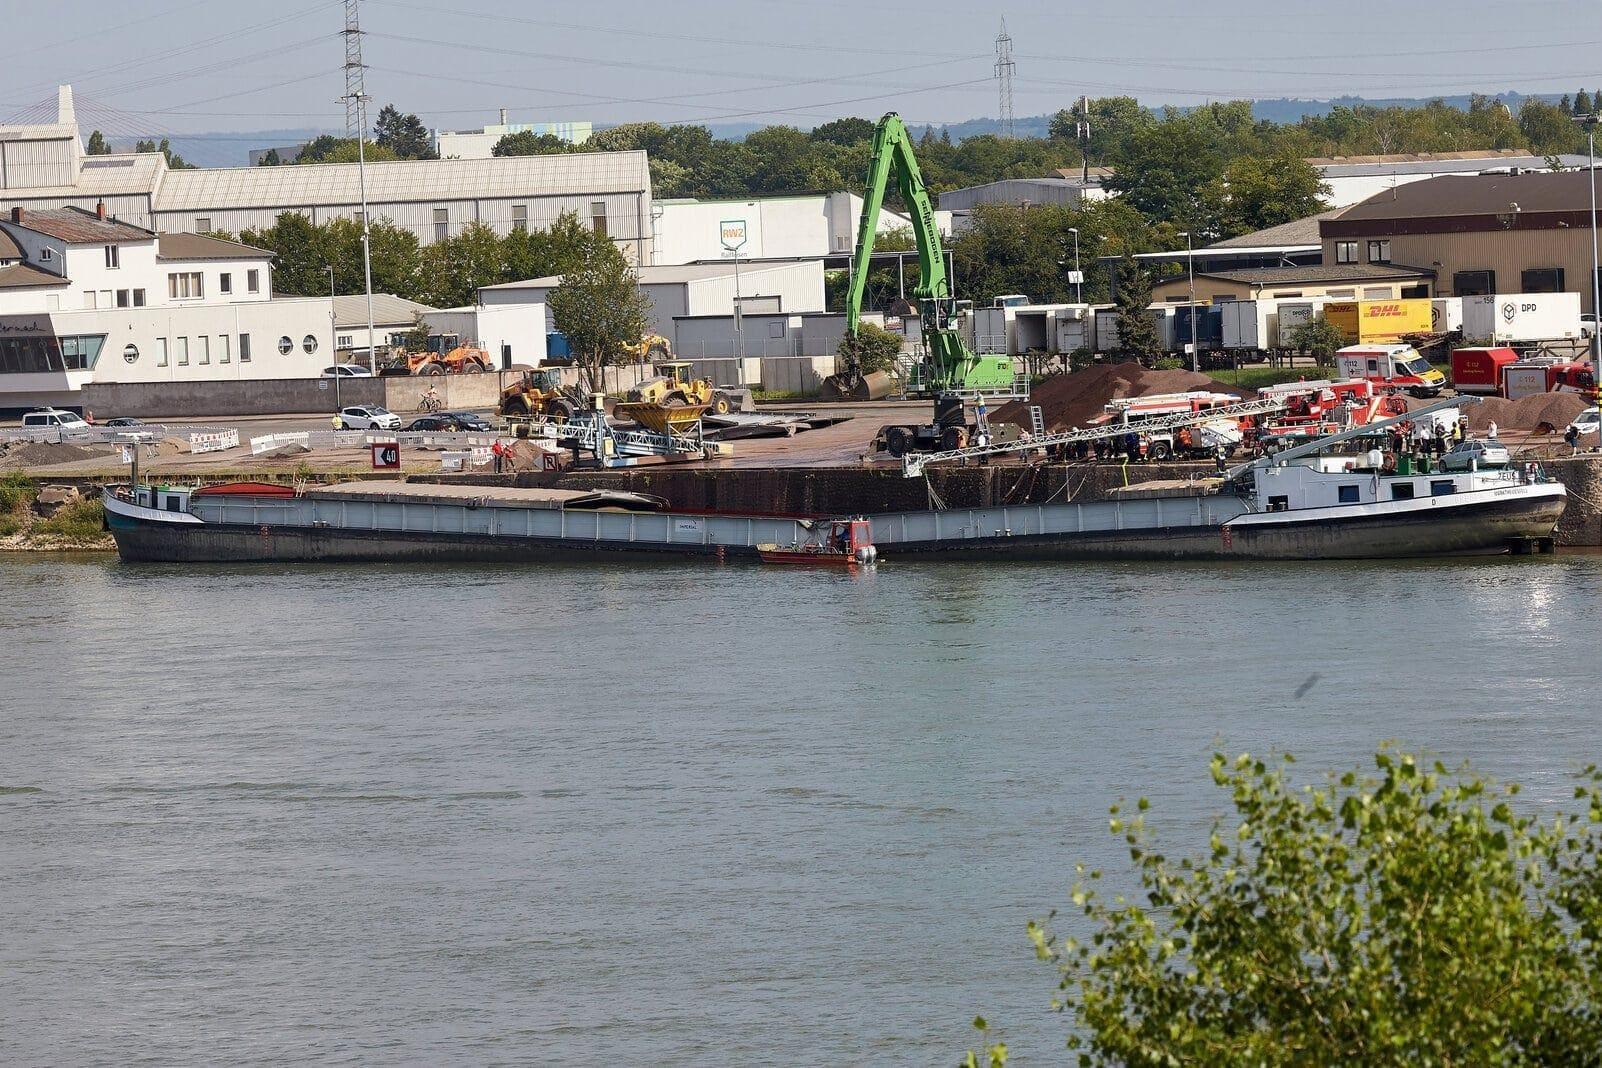 Frachter Rhein durchgeknickt dpa 2019